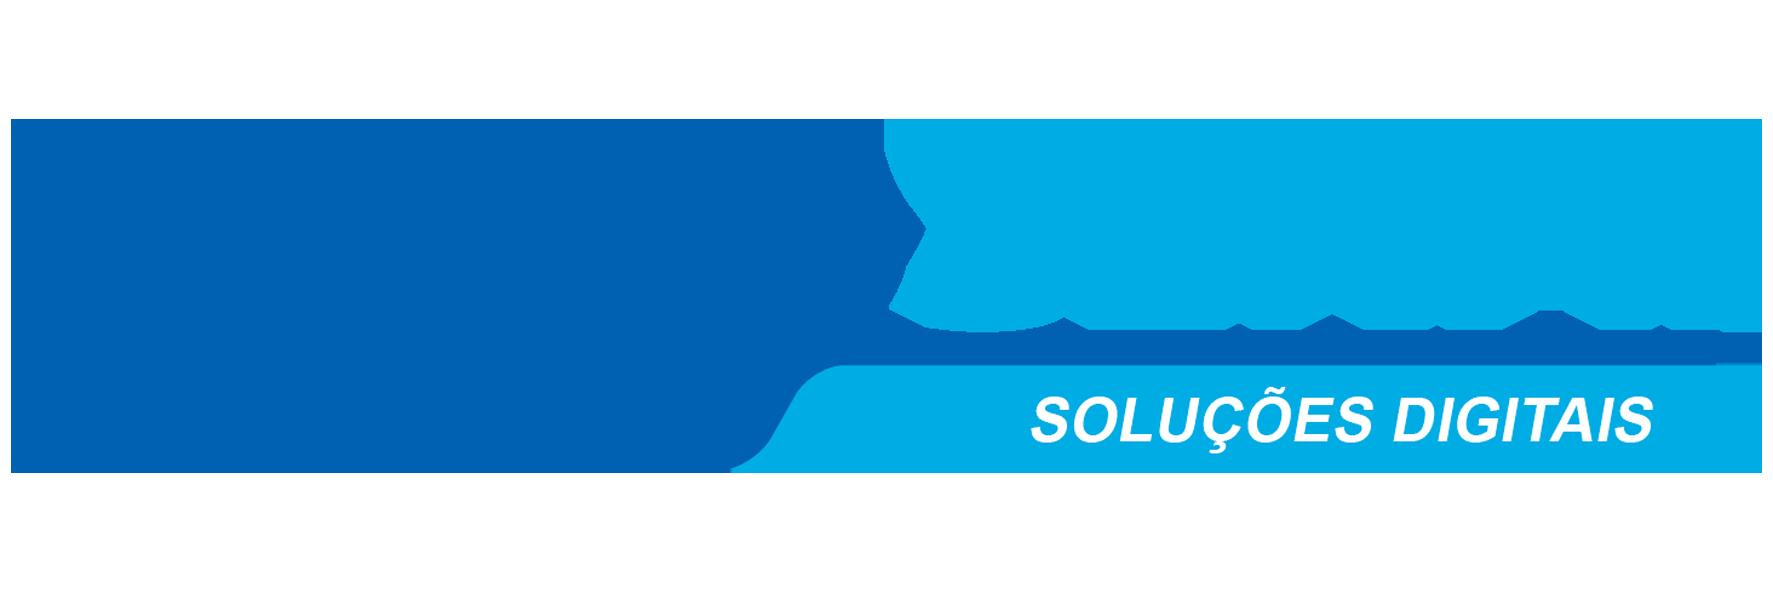 Instituto SENAI de Tecnologia Soluções Digitais